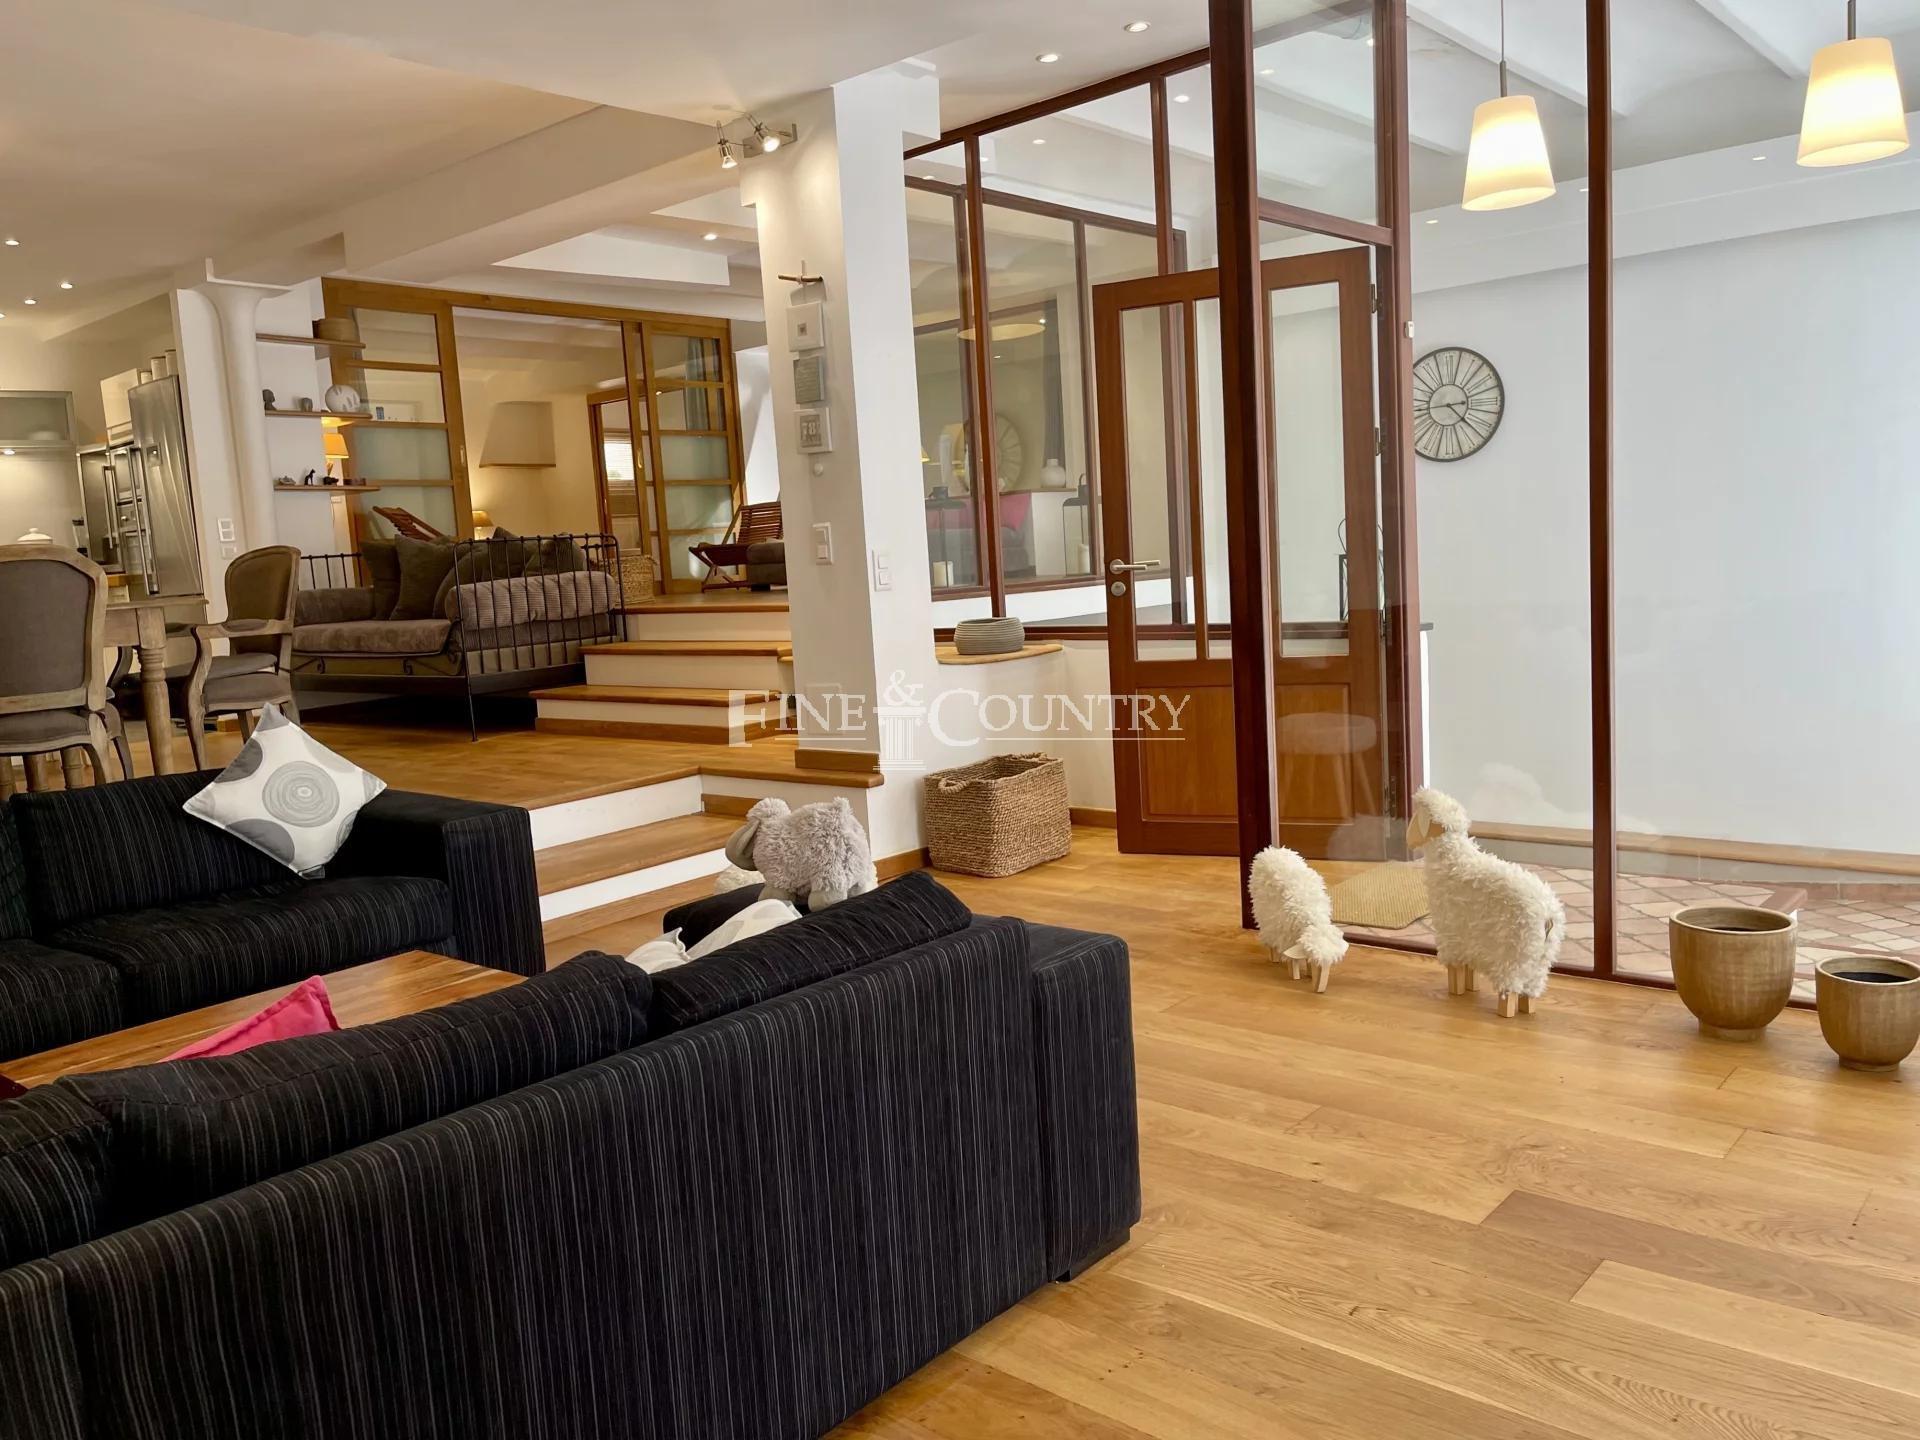 Vente Loft style Apartment Cannes